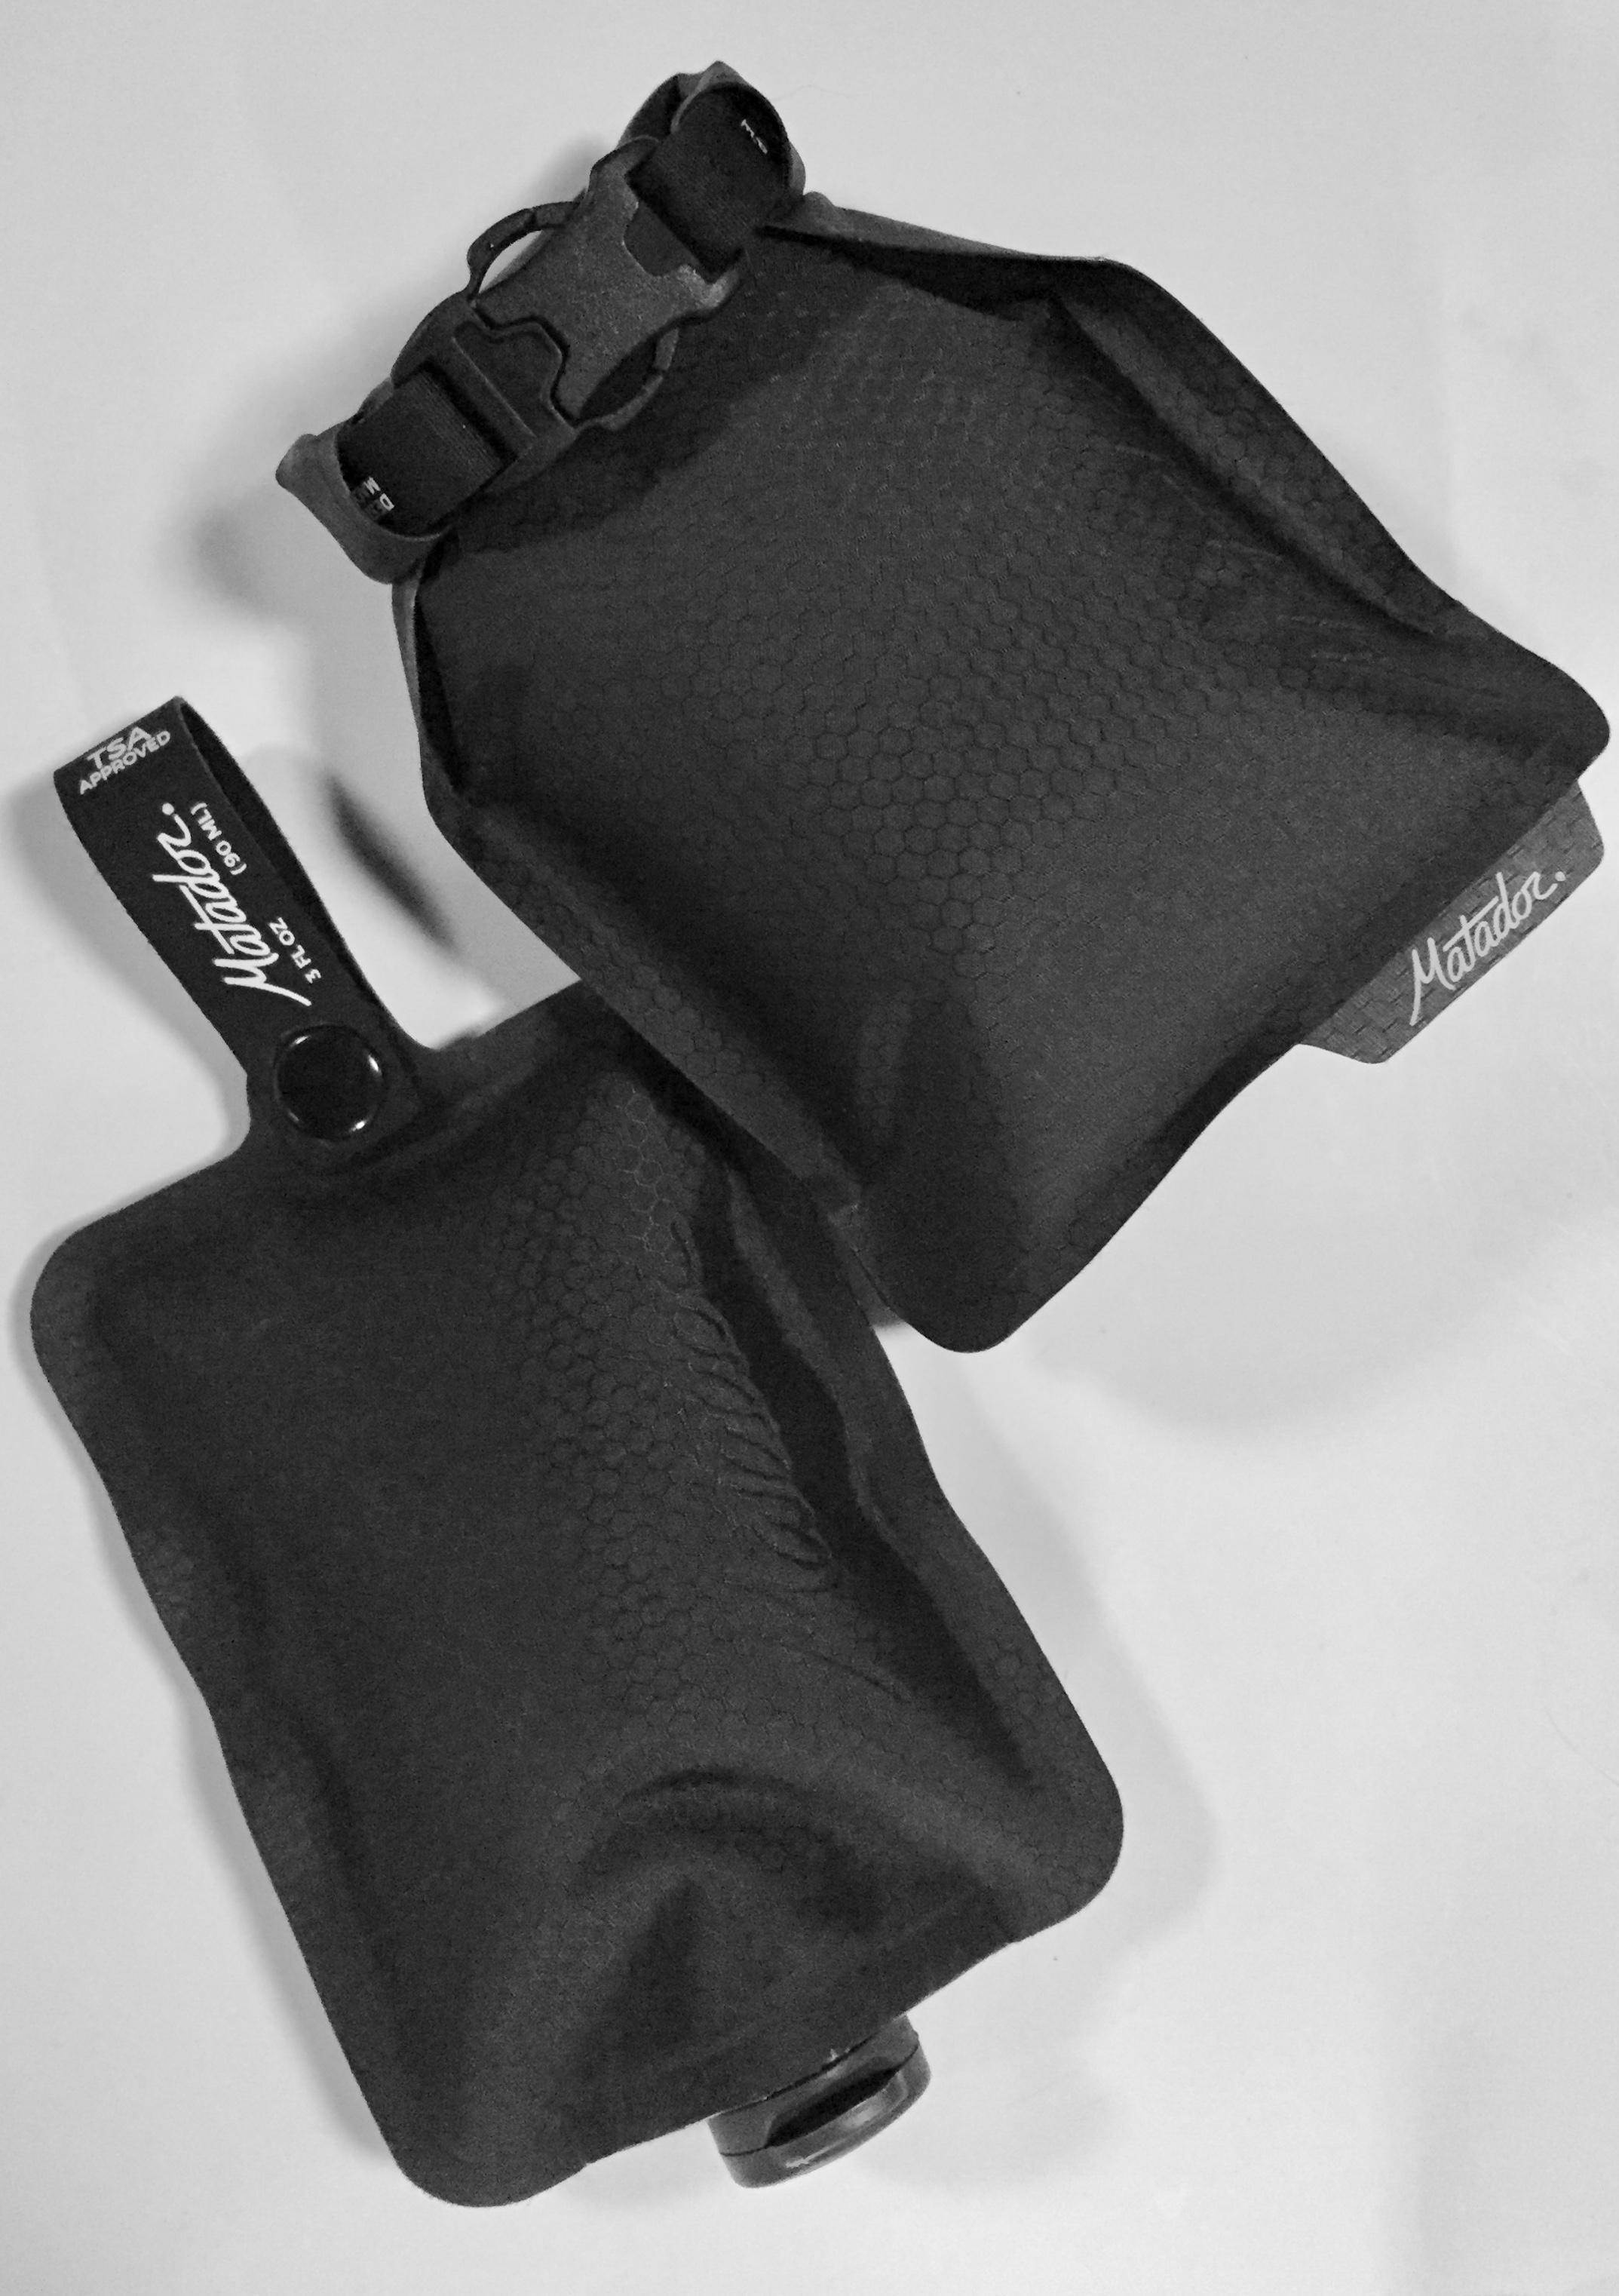 FlatPak™ Toiletry Bottle + Soap Bar Case- $12.99 each